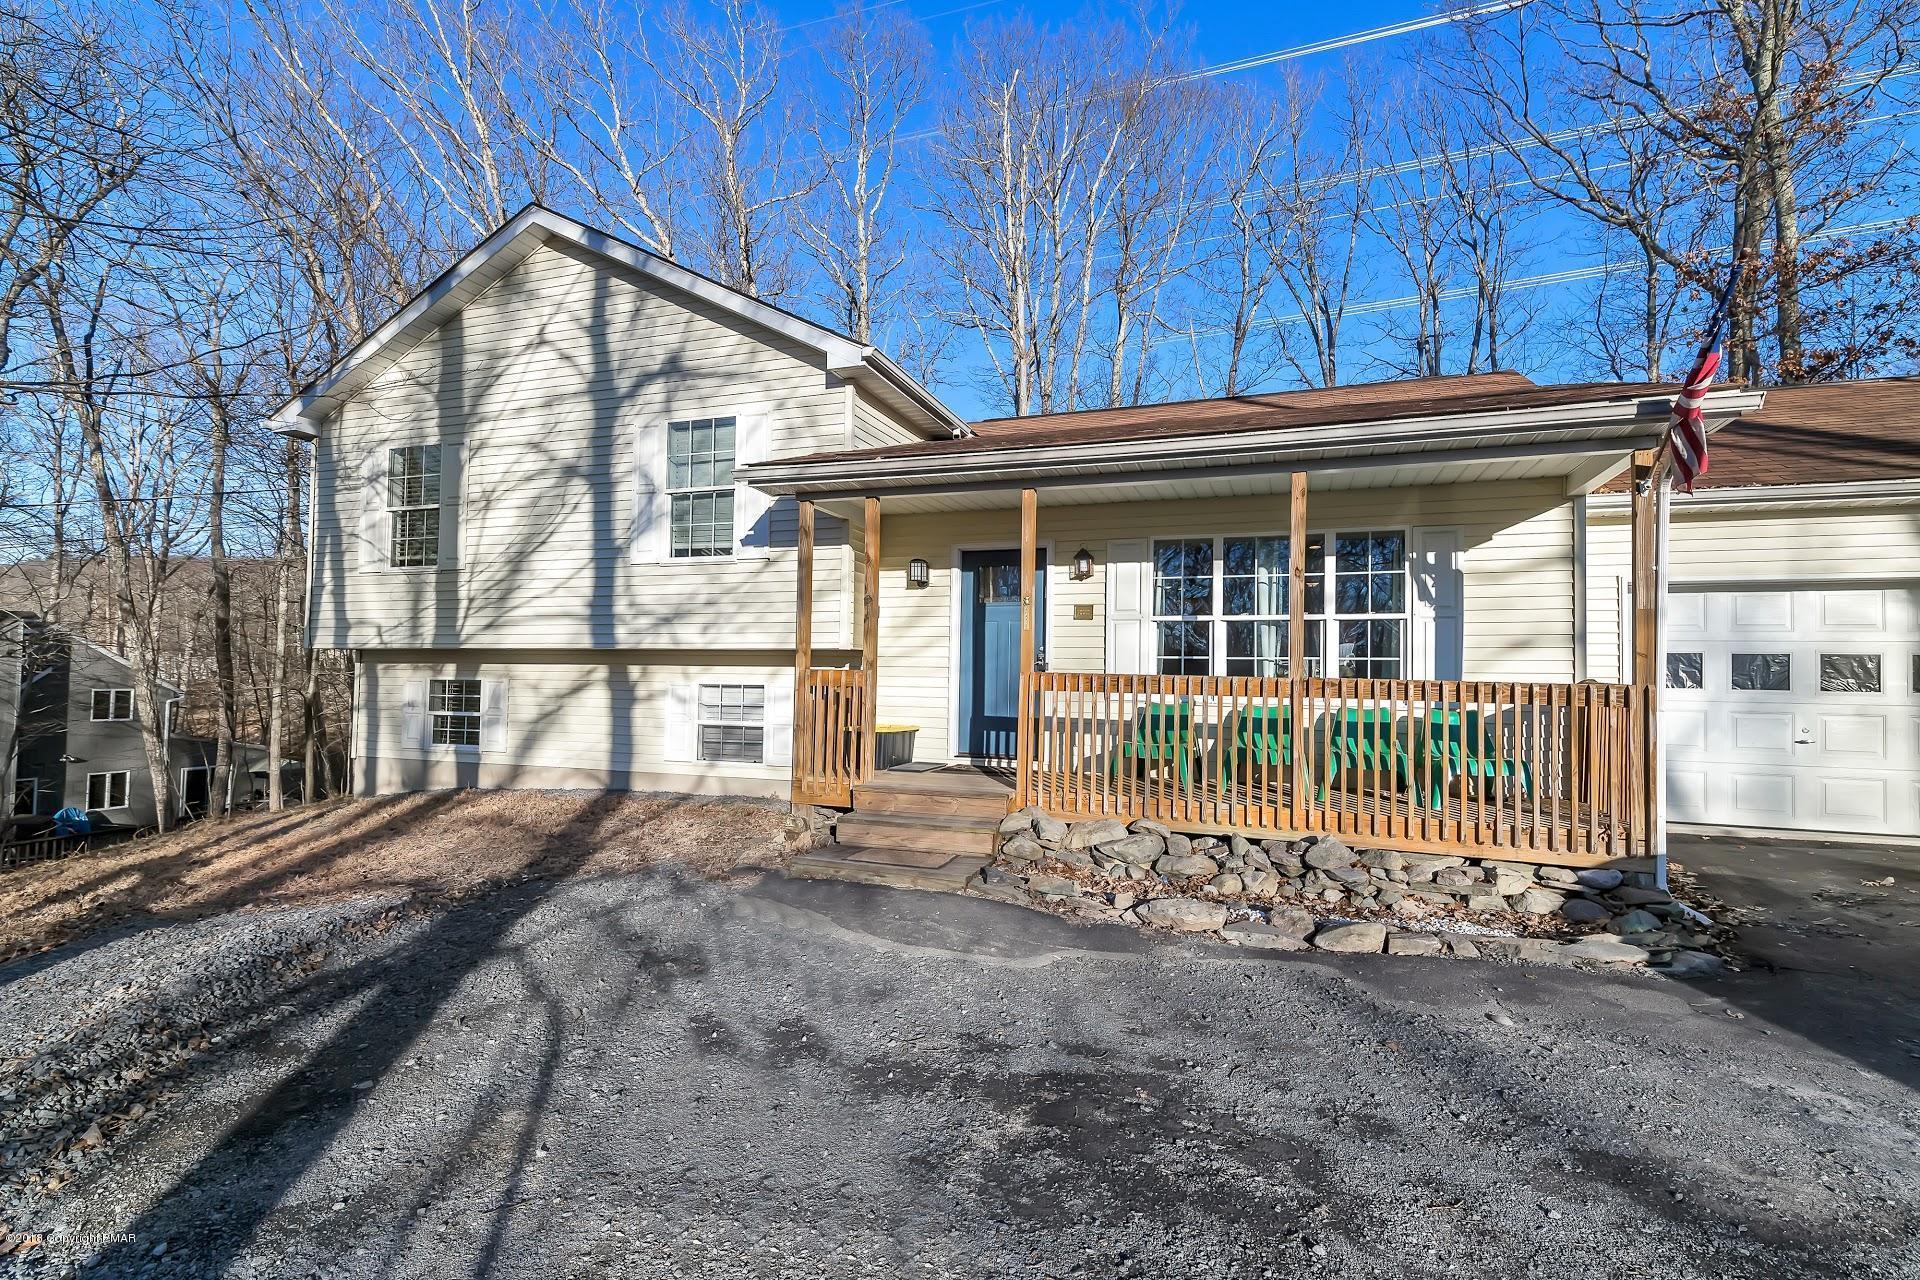 108 Dorchester Dr, Bushkill, PA 18324